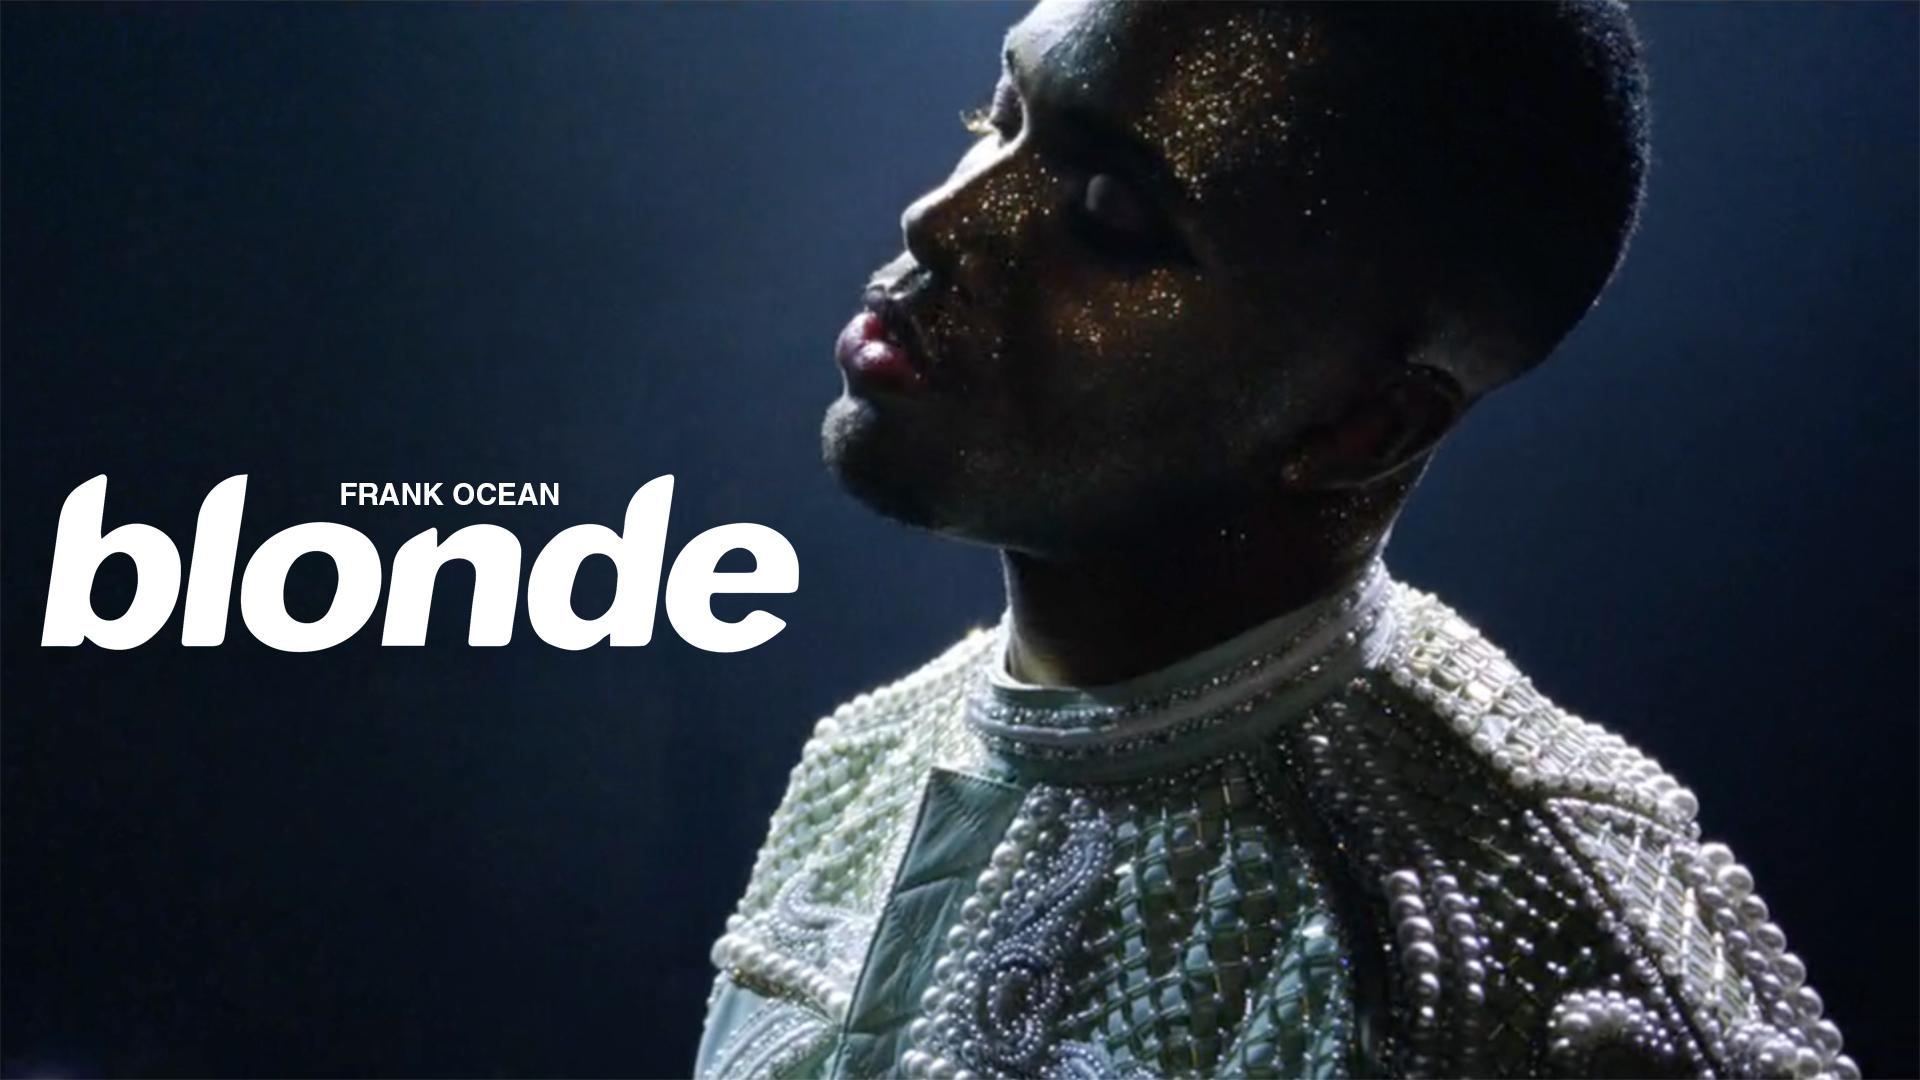 Blonde dbarque sur Spotify Frank Ocean a t il chang le 1920x1080